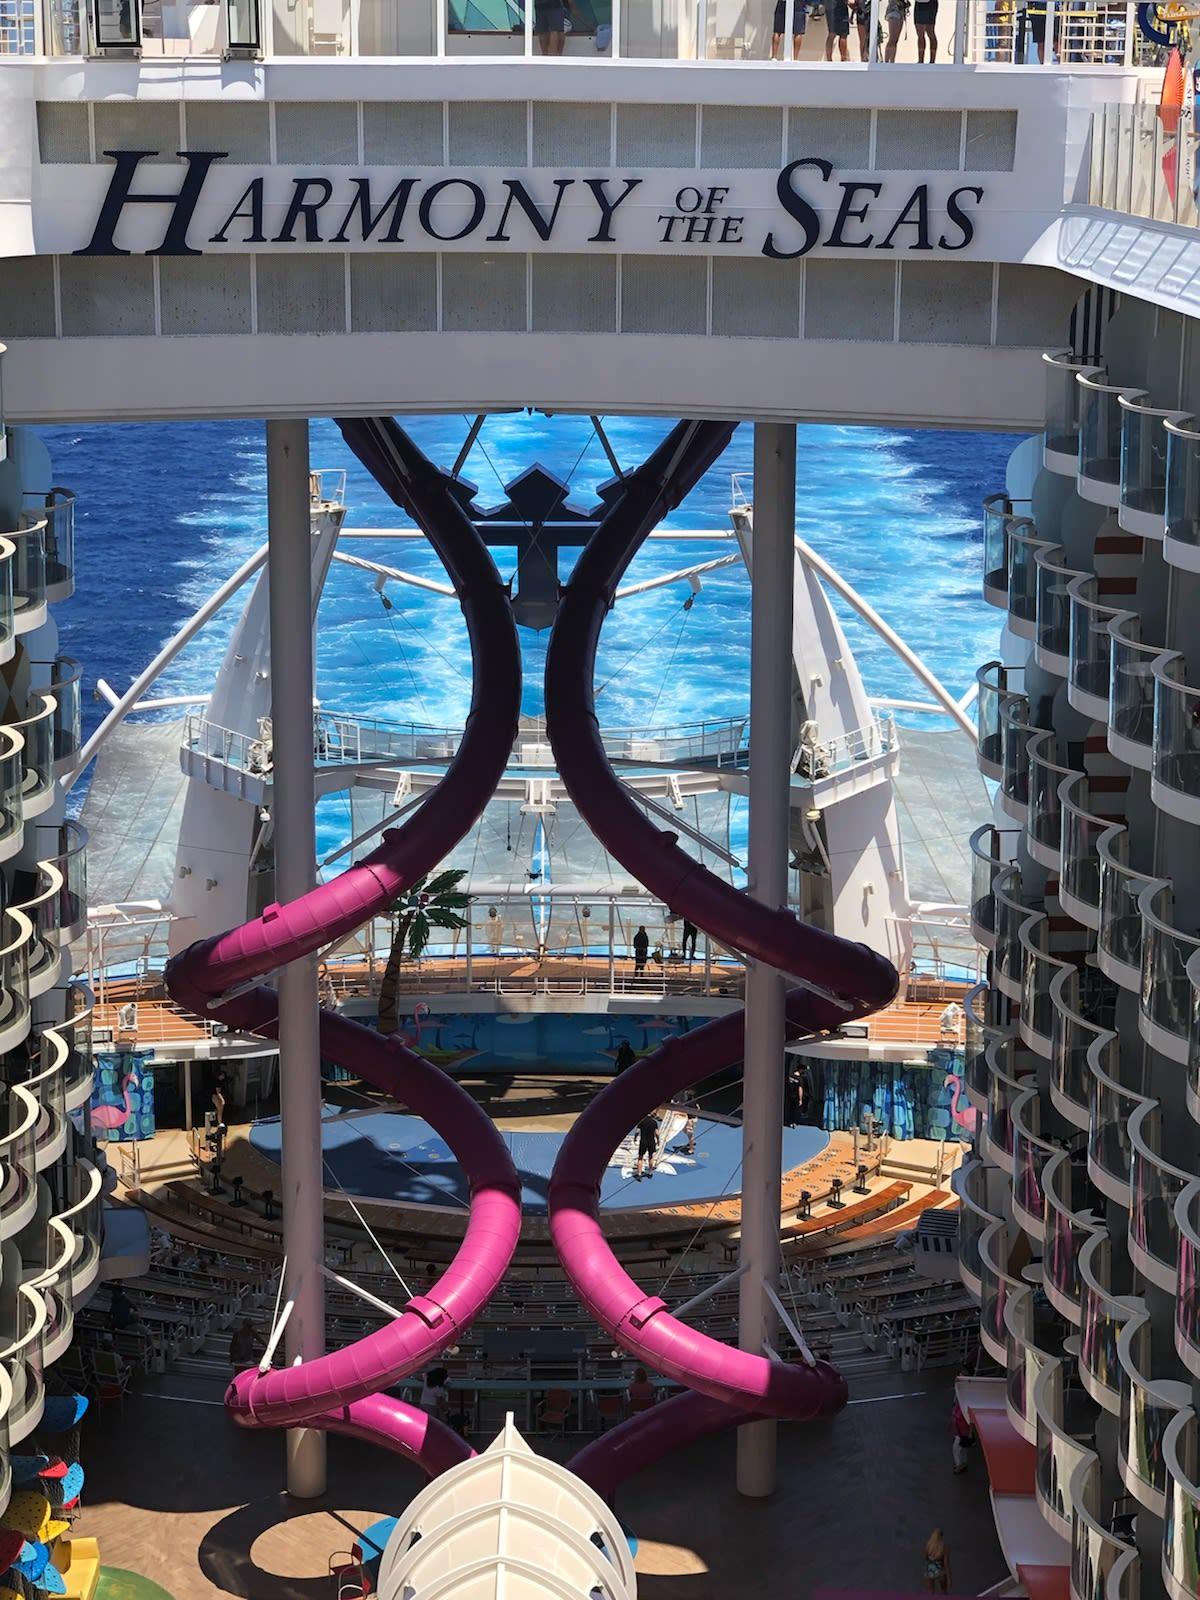 ハーモニー・オブ・ザ・シーズ アクアシアター方面より   客船ハーモニー・オブ・ザ・シーズの外観、船内施設